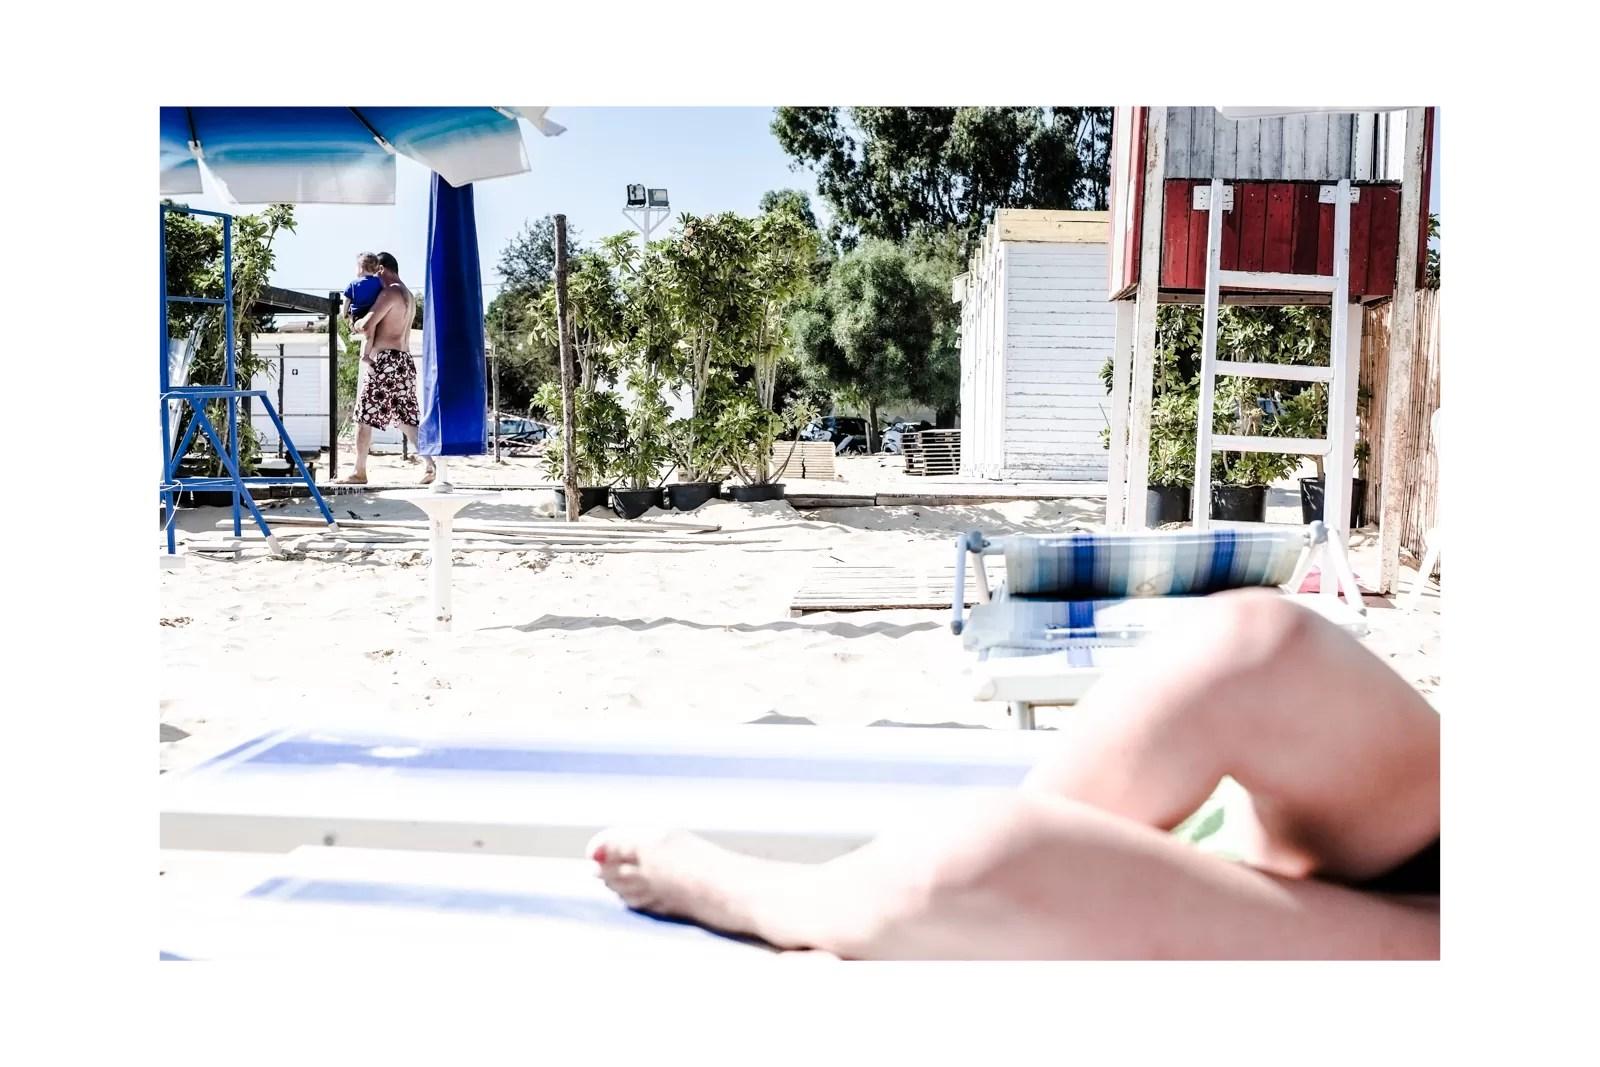 DSCF1541 - Immobili sotto il caldo sole di sicilia - fotostreet.it